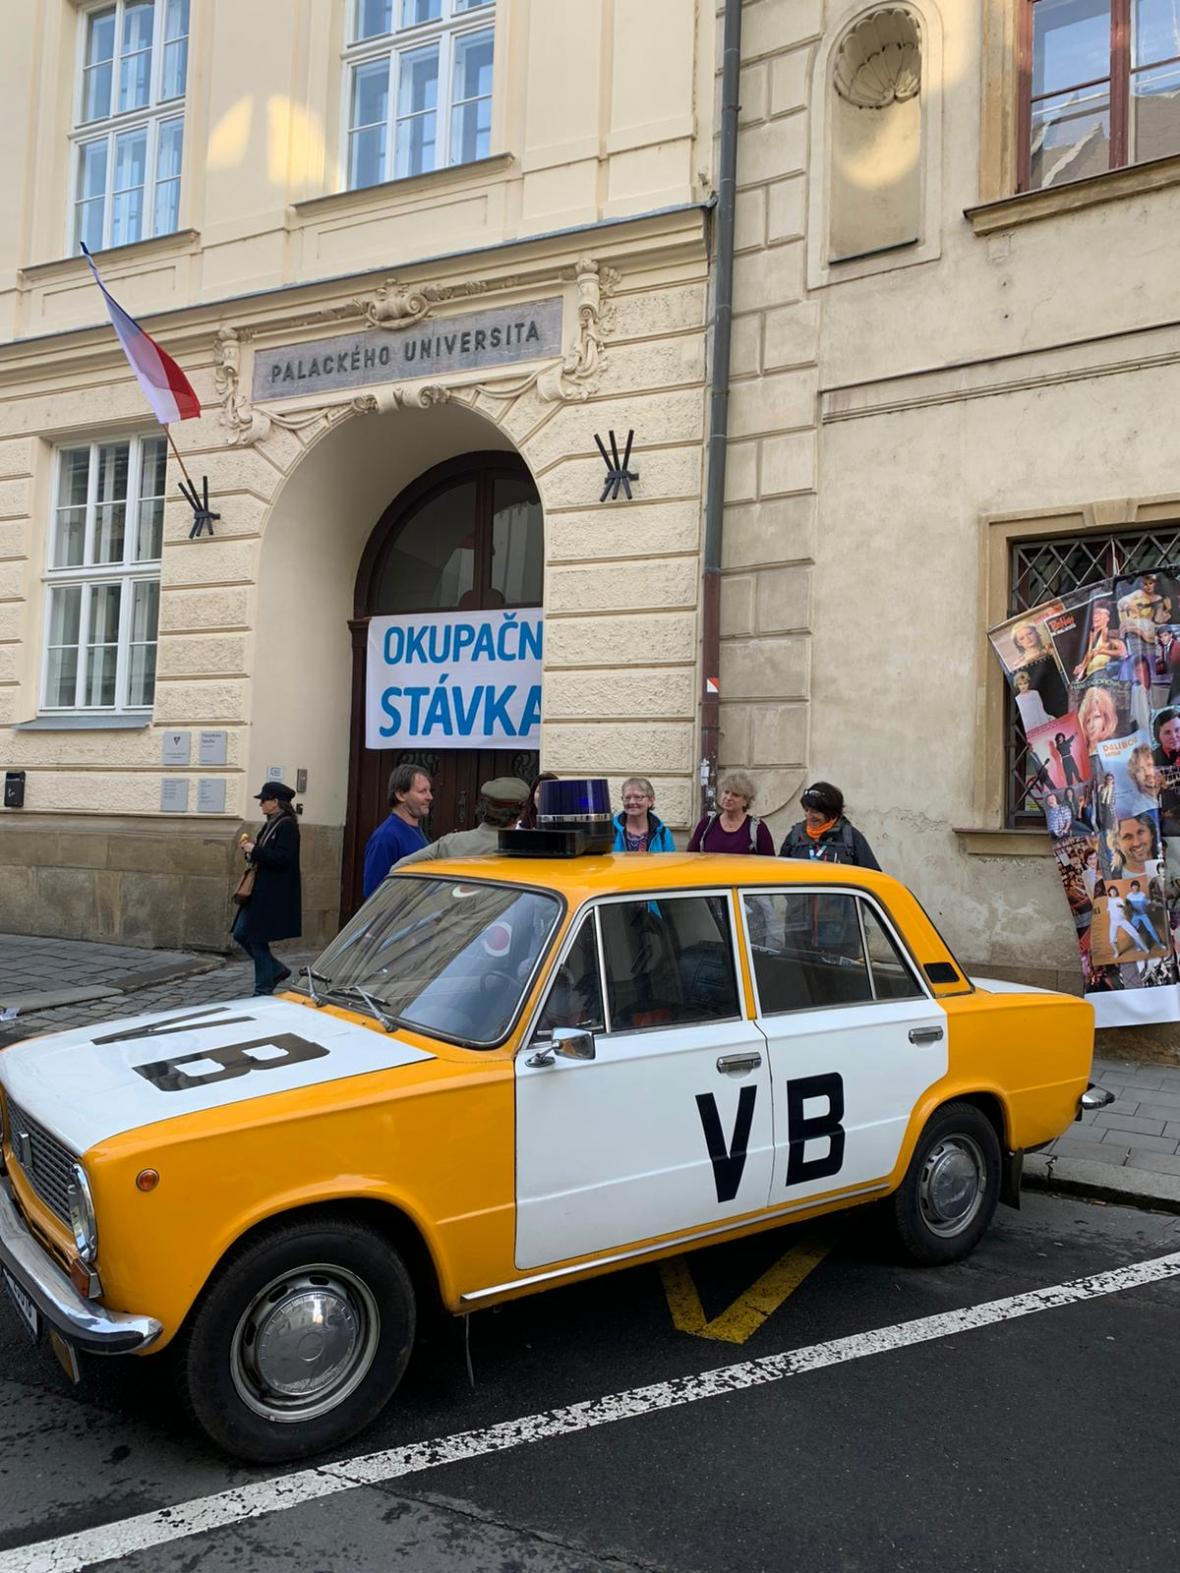 Rekonstrukce okupační stávky na Filosofické fakultě UP v Olomouci